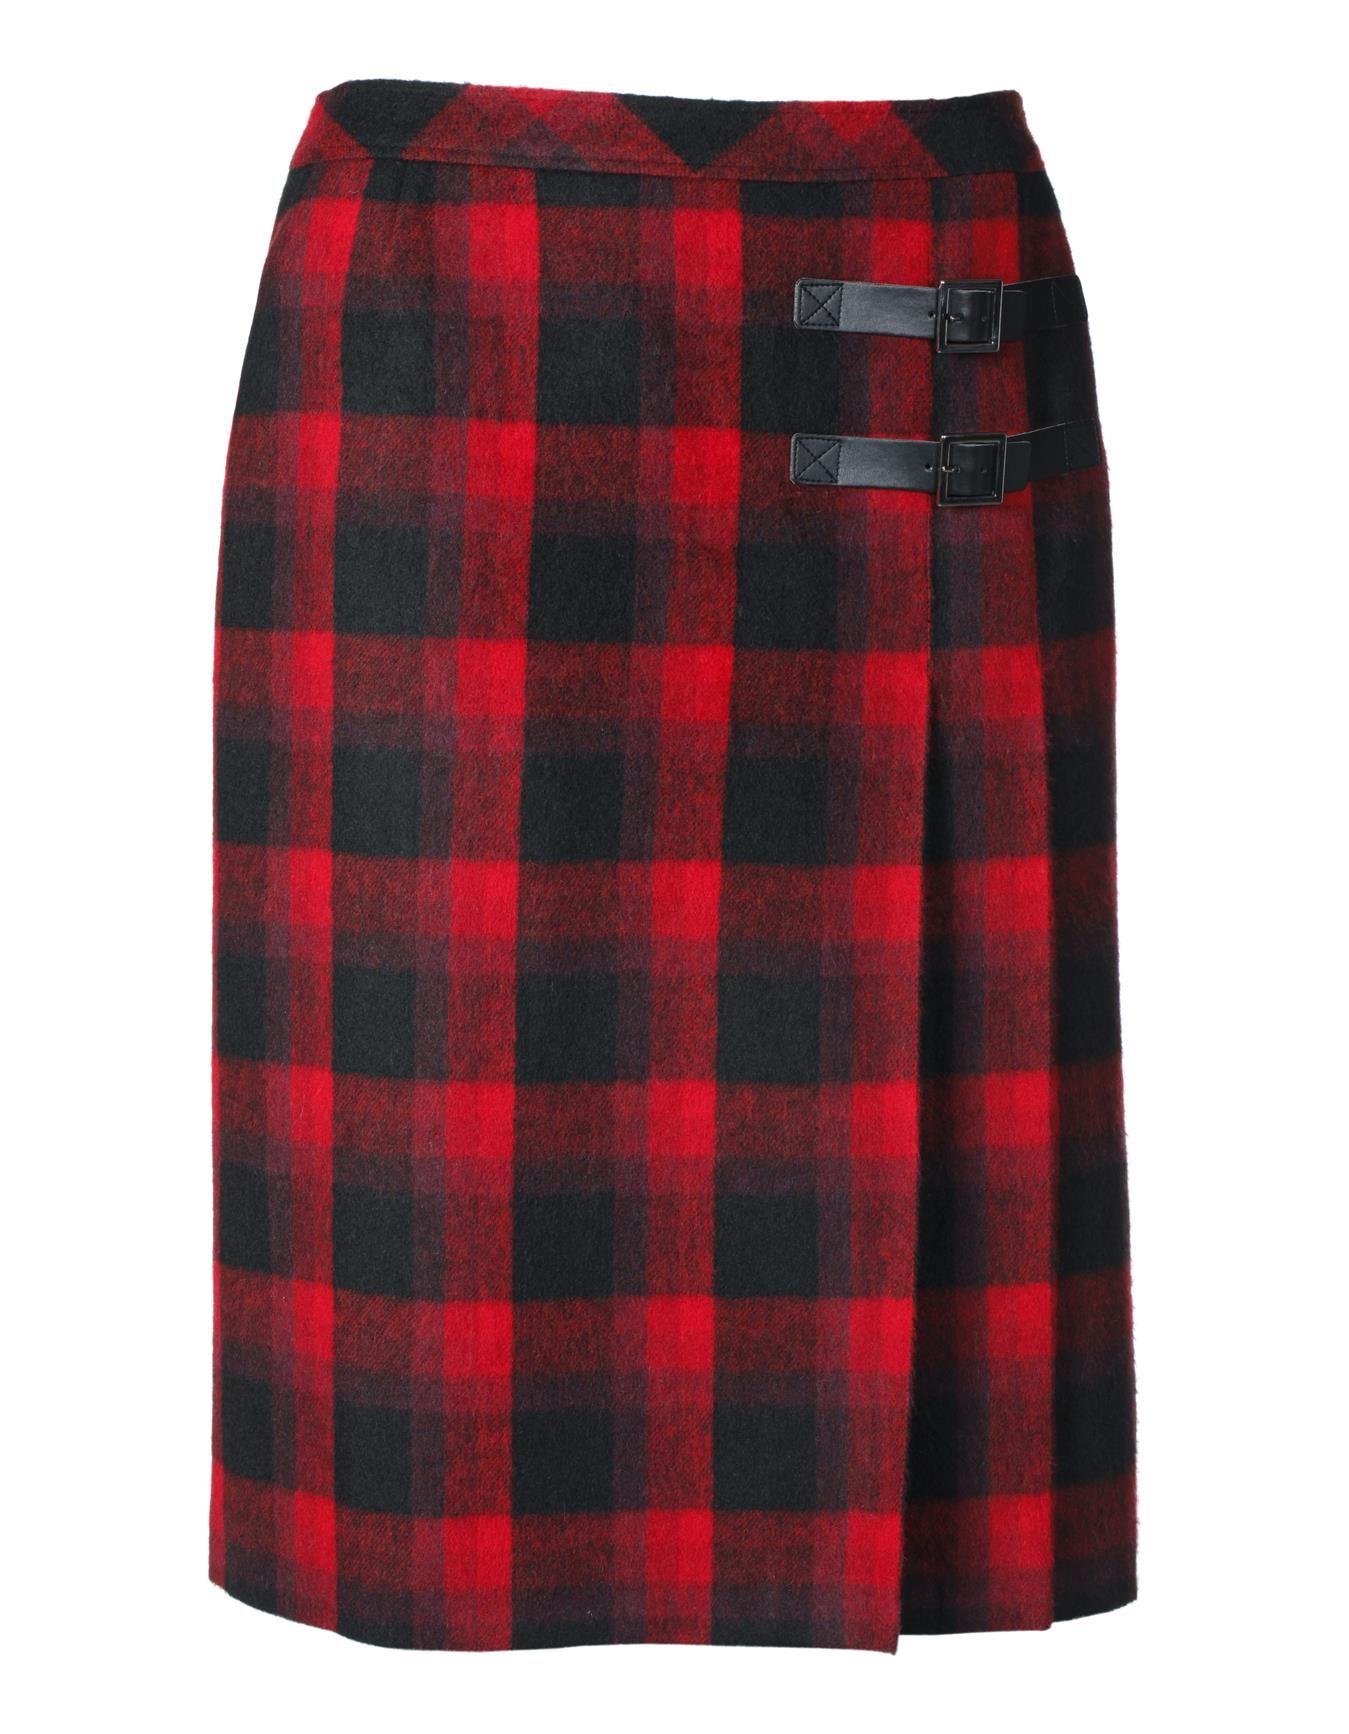 Karorock mit Zierriegeln in der Farbe rot / schwarz - schwarz, rot - im MADELEINE Mode Onlineshop